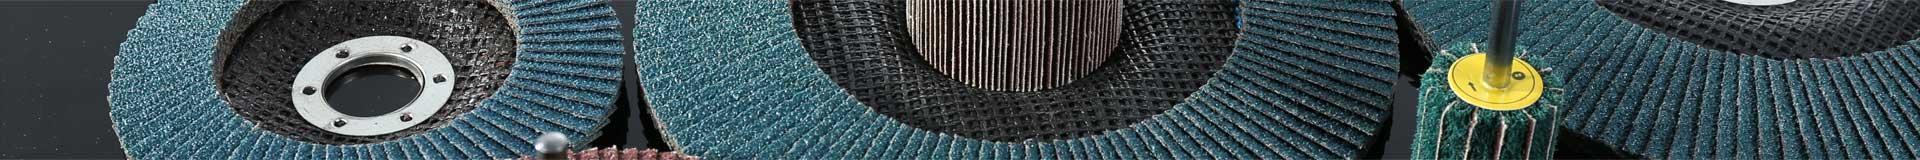 Wymagania techniczne dla linii produkcyjnej automatycznej odzieży ściernej